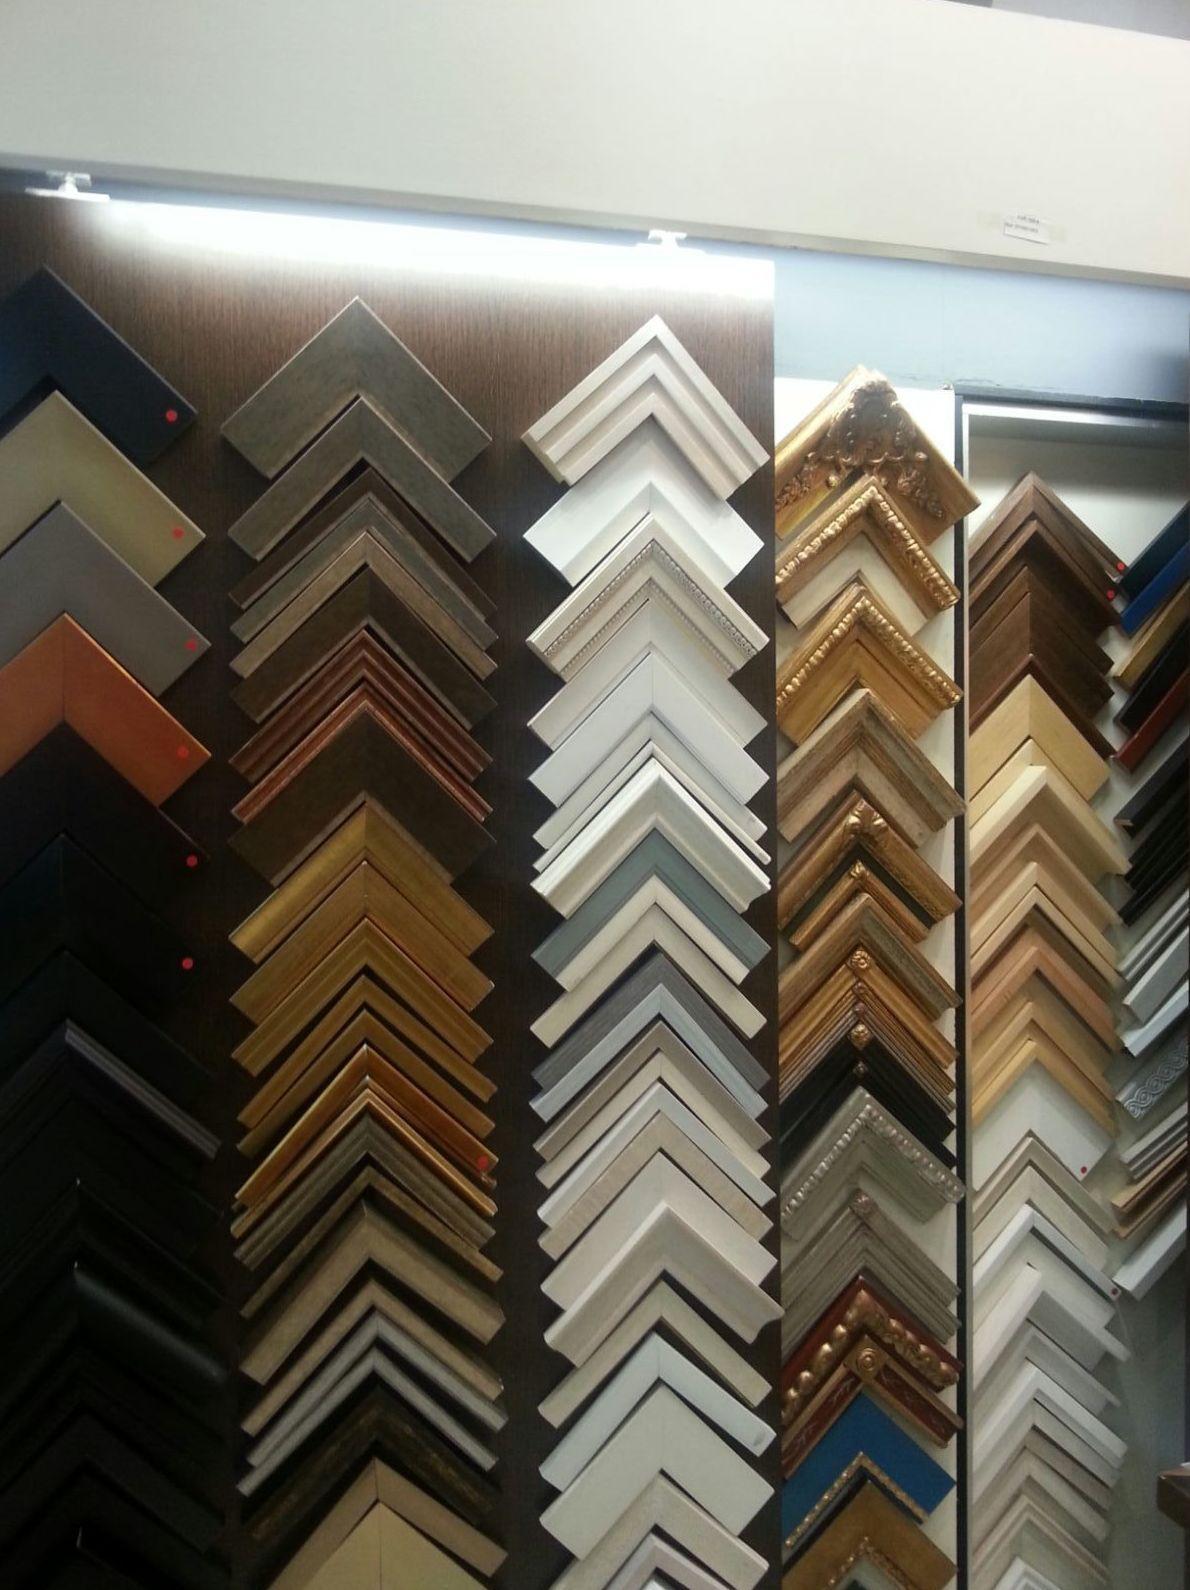 Molduras para marcos de cuadros en Arturo Soria: 4 Ingletes Arturo Soria